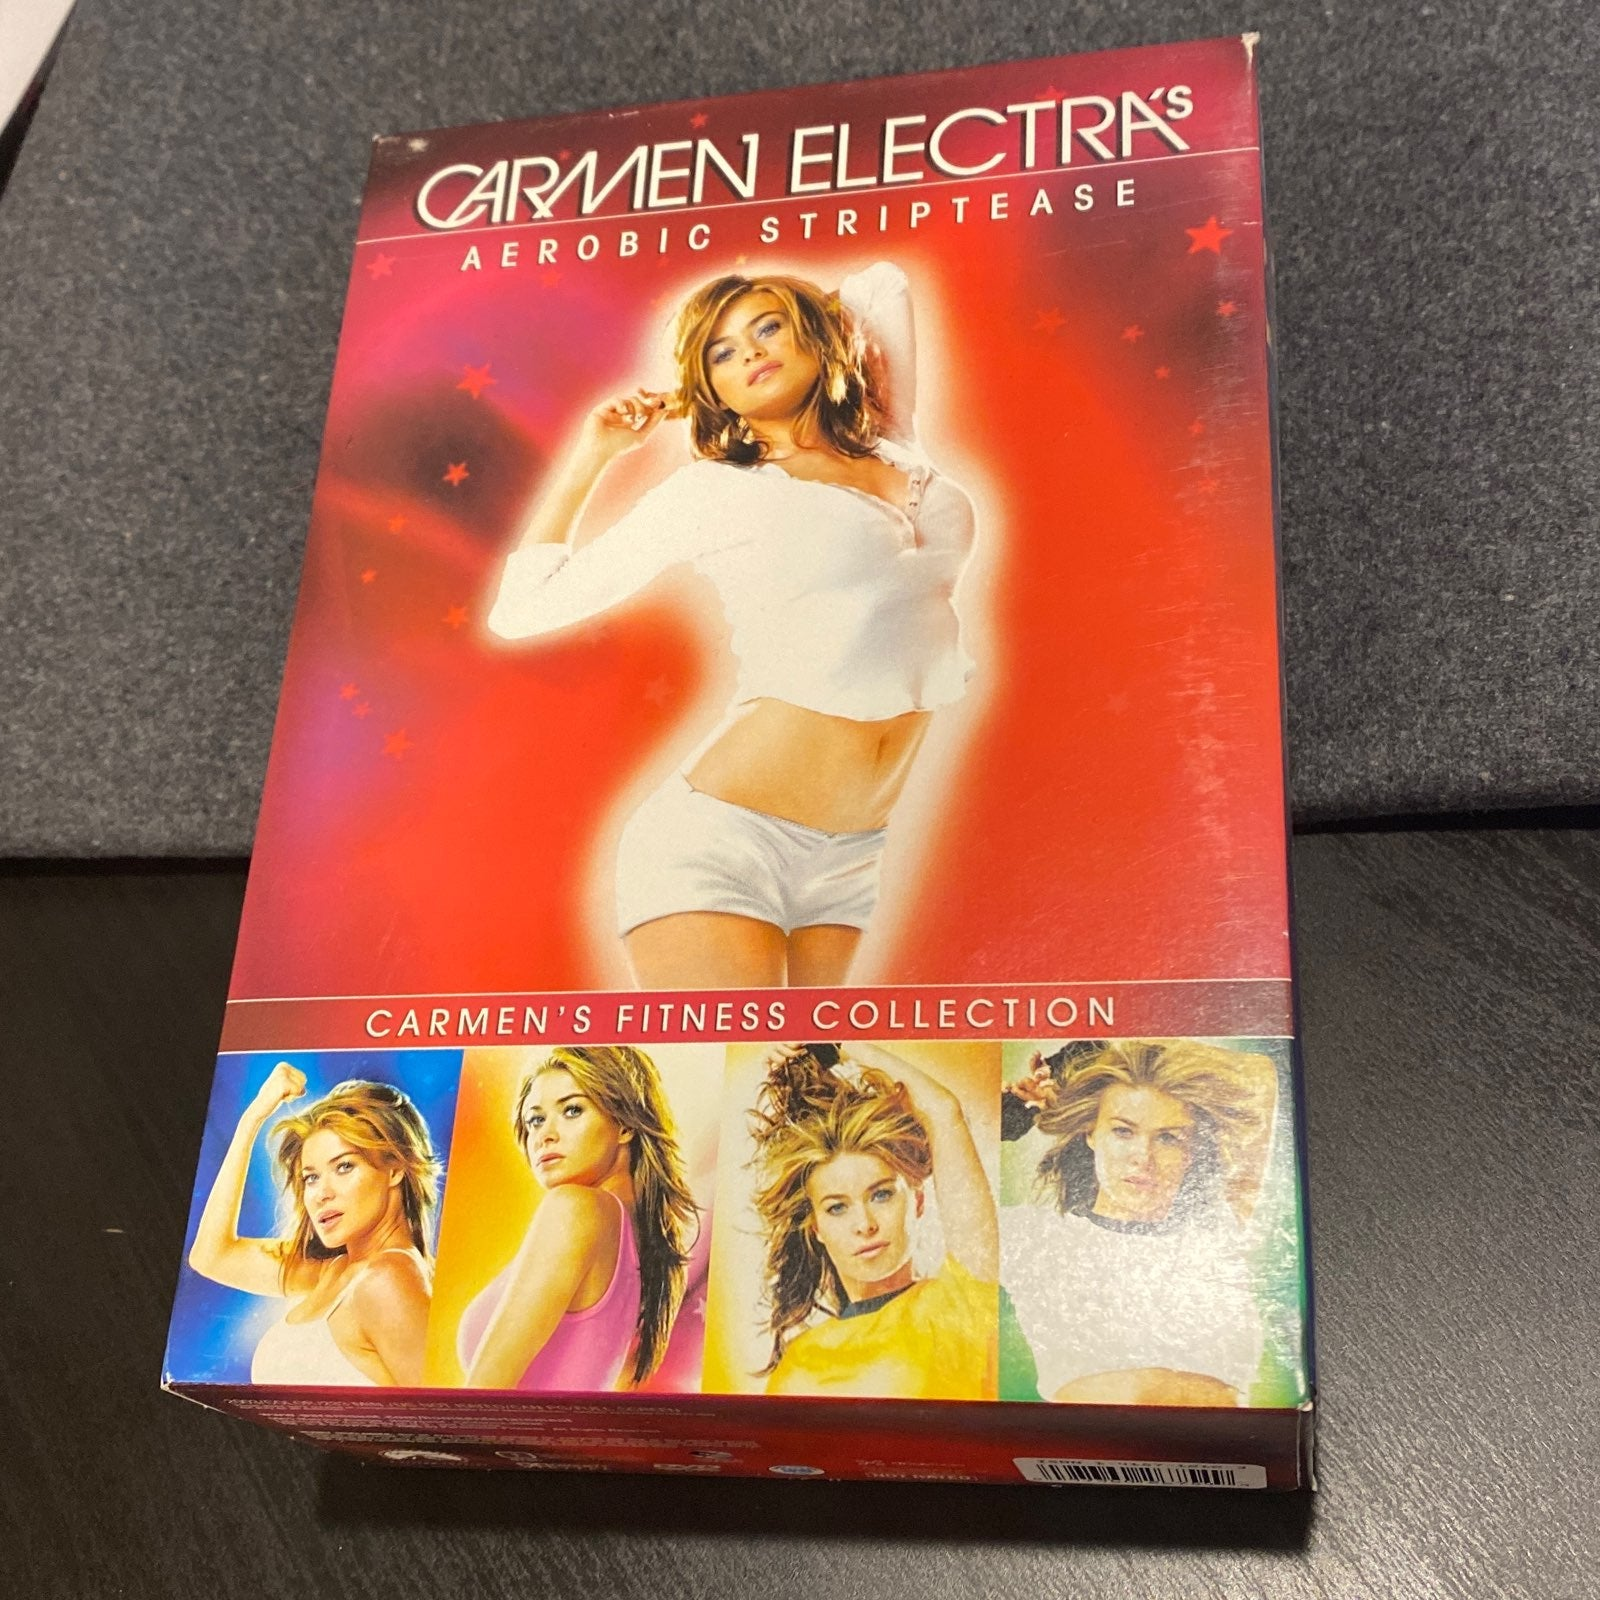 Carmen Electra's aerobic striptease DVD